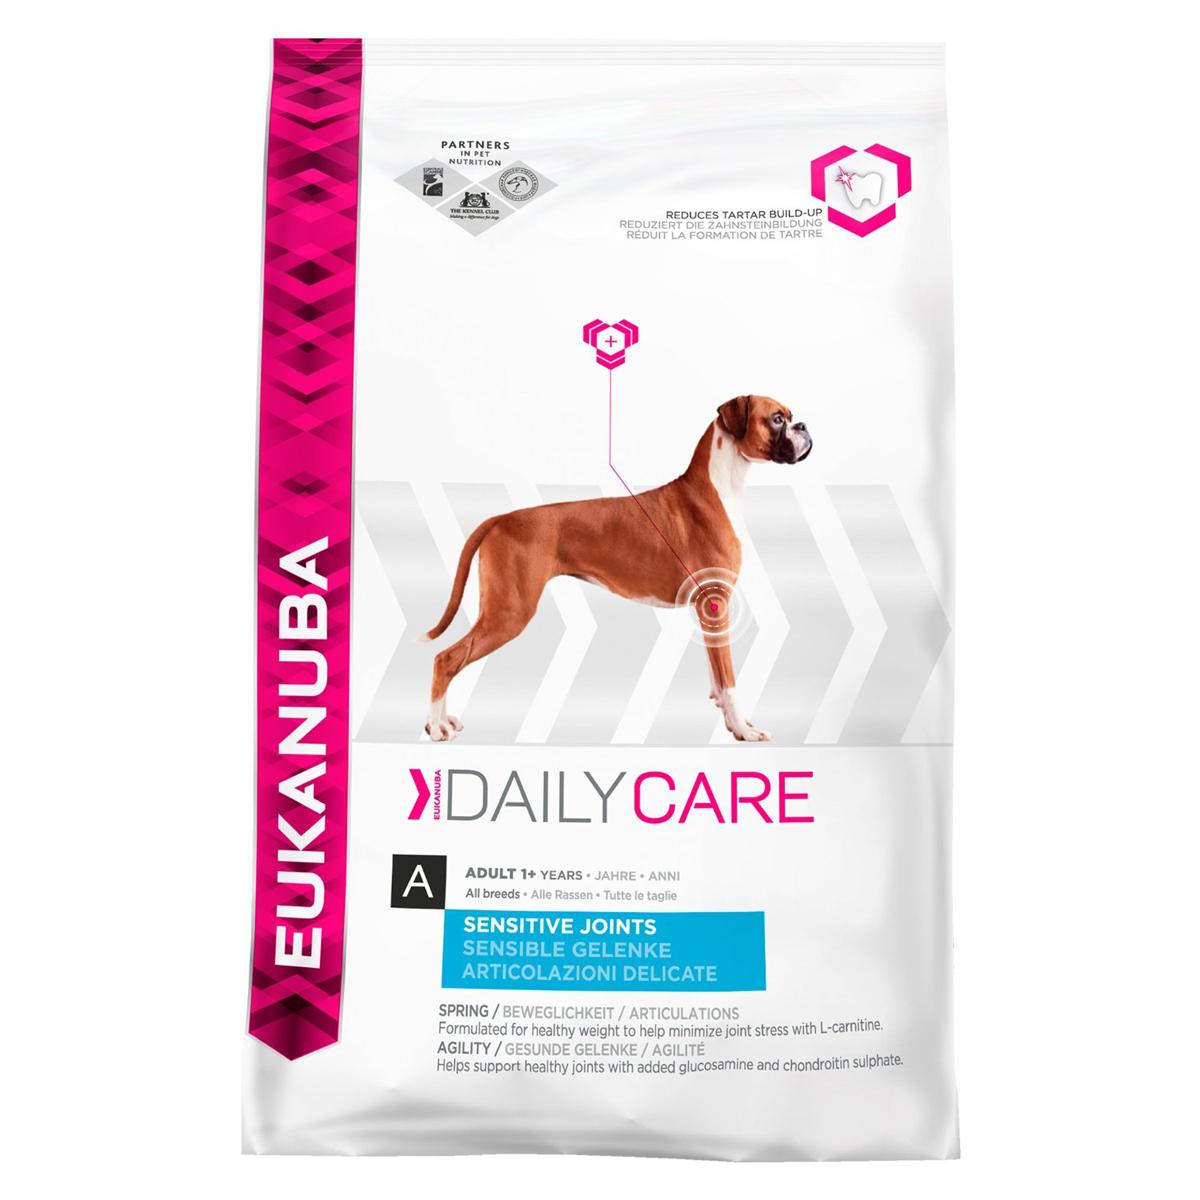 Корм сухой Eukanuba для взрослых собак с чувствительными суставами, 12,5 кг81095045Полноценный сбалансированный корм Eukanuba предназначен для взрослых собак всех пород возрастом от 1 года (2,5-40 кг) и гигантских пород (более 40 кг) от 2 лет со склонностью к чувствительности суставов, обогащенный естественными питательными веществами хряща для хорошей подвижности суставов. Добавлены глюкозами и хондроитин сульфат для поддержания здоровья суставов. С добавлением L-Карнитина для достижения оптимального веса и снижения нагрузки на суставы. Не содержит искусственных красителей и ароматизаторов. Содержит разрешенные ЕС антиоксиданты (токоферолы). Состав: сублимированное мясо курицы и индейки 22%, кукуруза, пшеница, сорго, животный жир, ячмень, сухая пульпа сахарной свеклы 3,8%, сухое цельное яйцо, гидролизат белков животного происхождения, хлорид калия, рыбий жир, карбонат кальция, хлорид натрия, льняное семя, гексаметафосфат натрия, фруктоолигосахариды 0,38%, глюкозамин 576 мг/кг, сульфат хондротина 57 мг/кг. Добавки: витамин A...